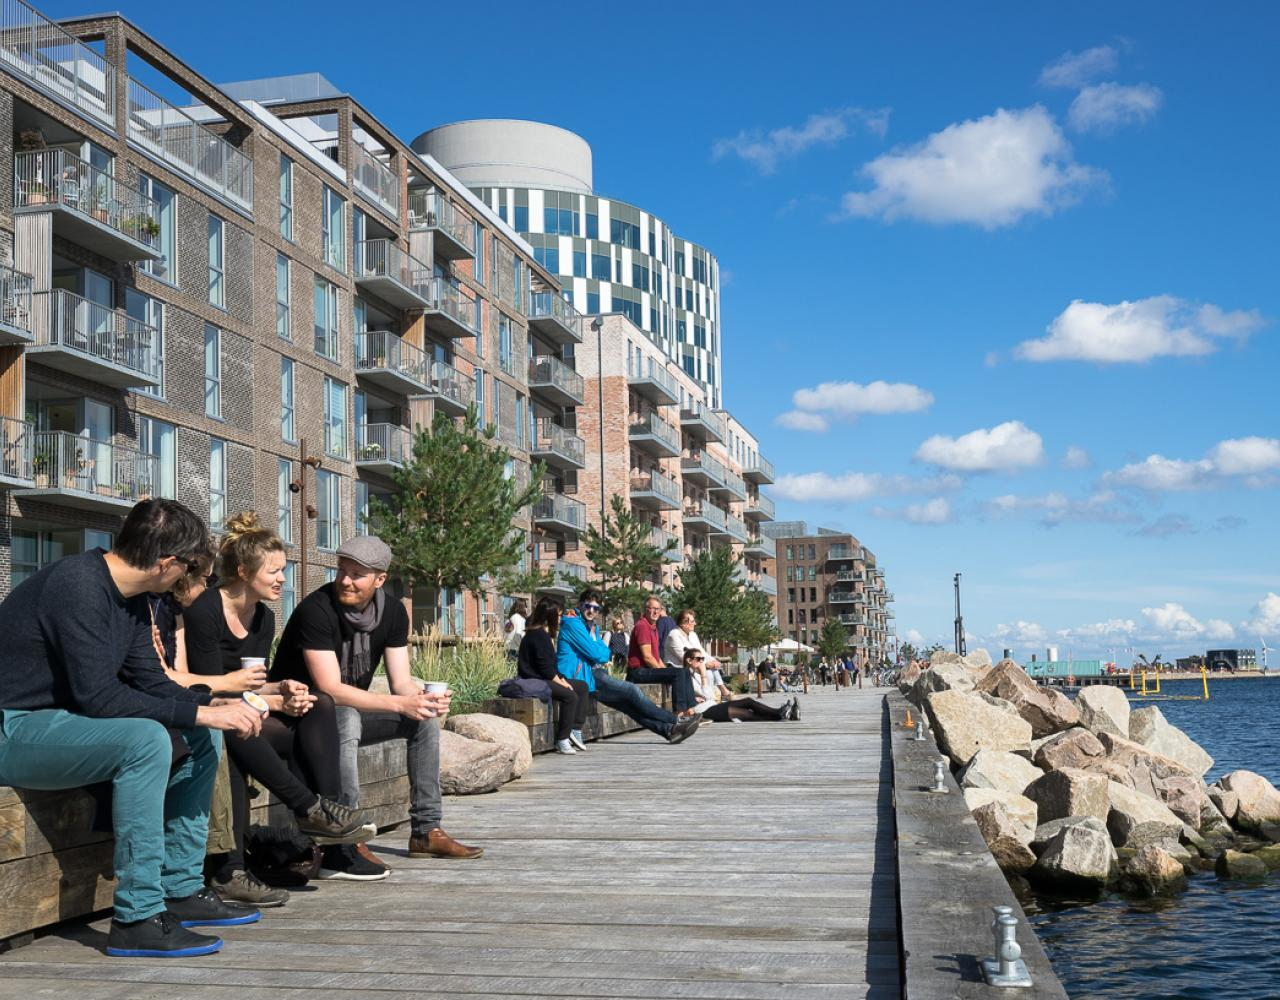 sandkaj brygge nordhavn